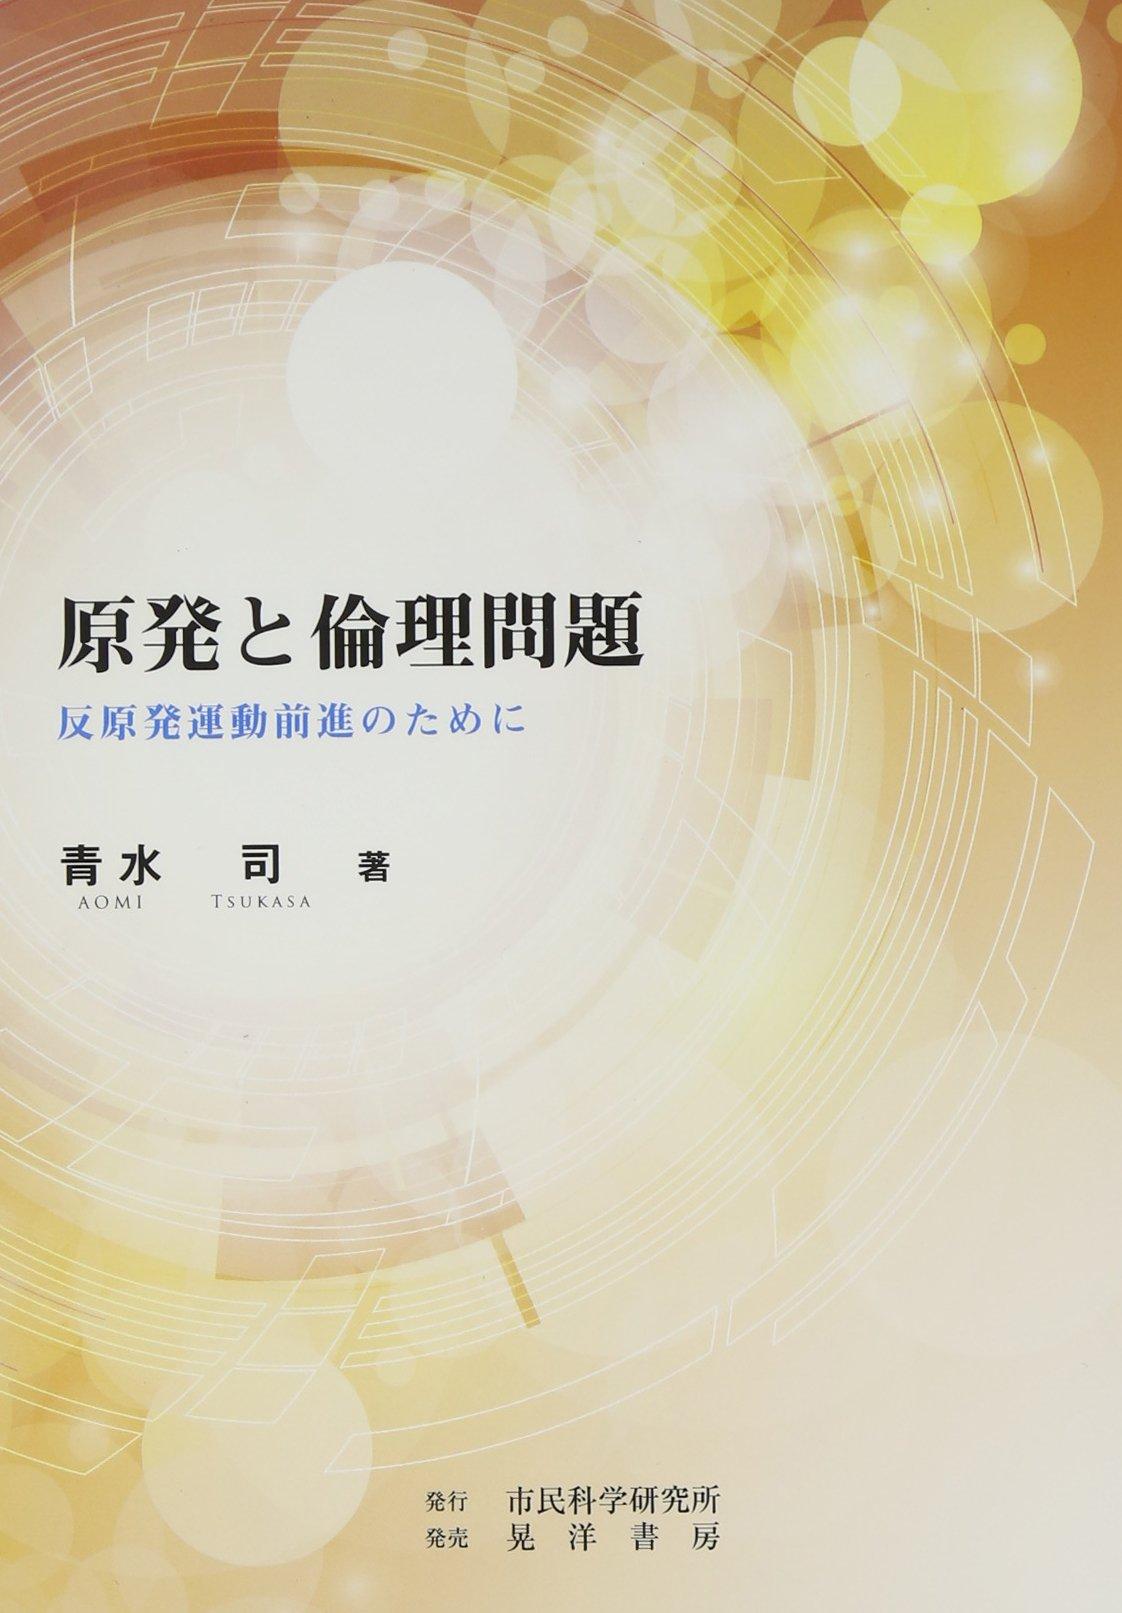 Read Online Genpatsu to rinri mondai : Hangenpatsu undo zenshin no tame ni. pdf